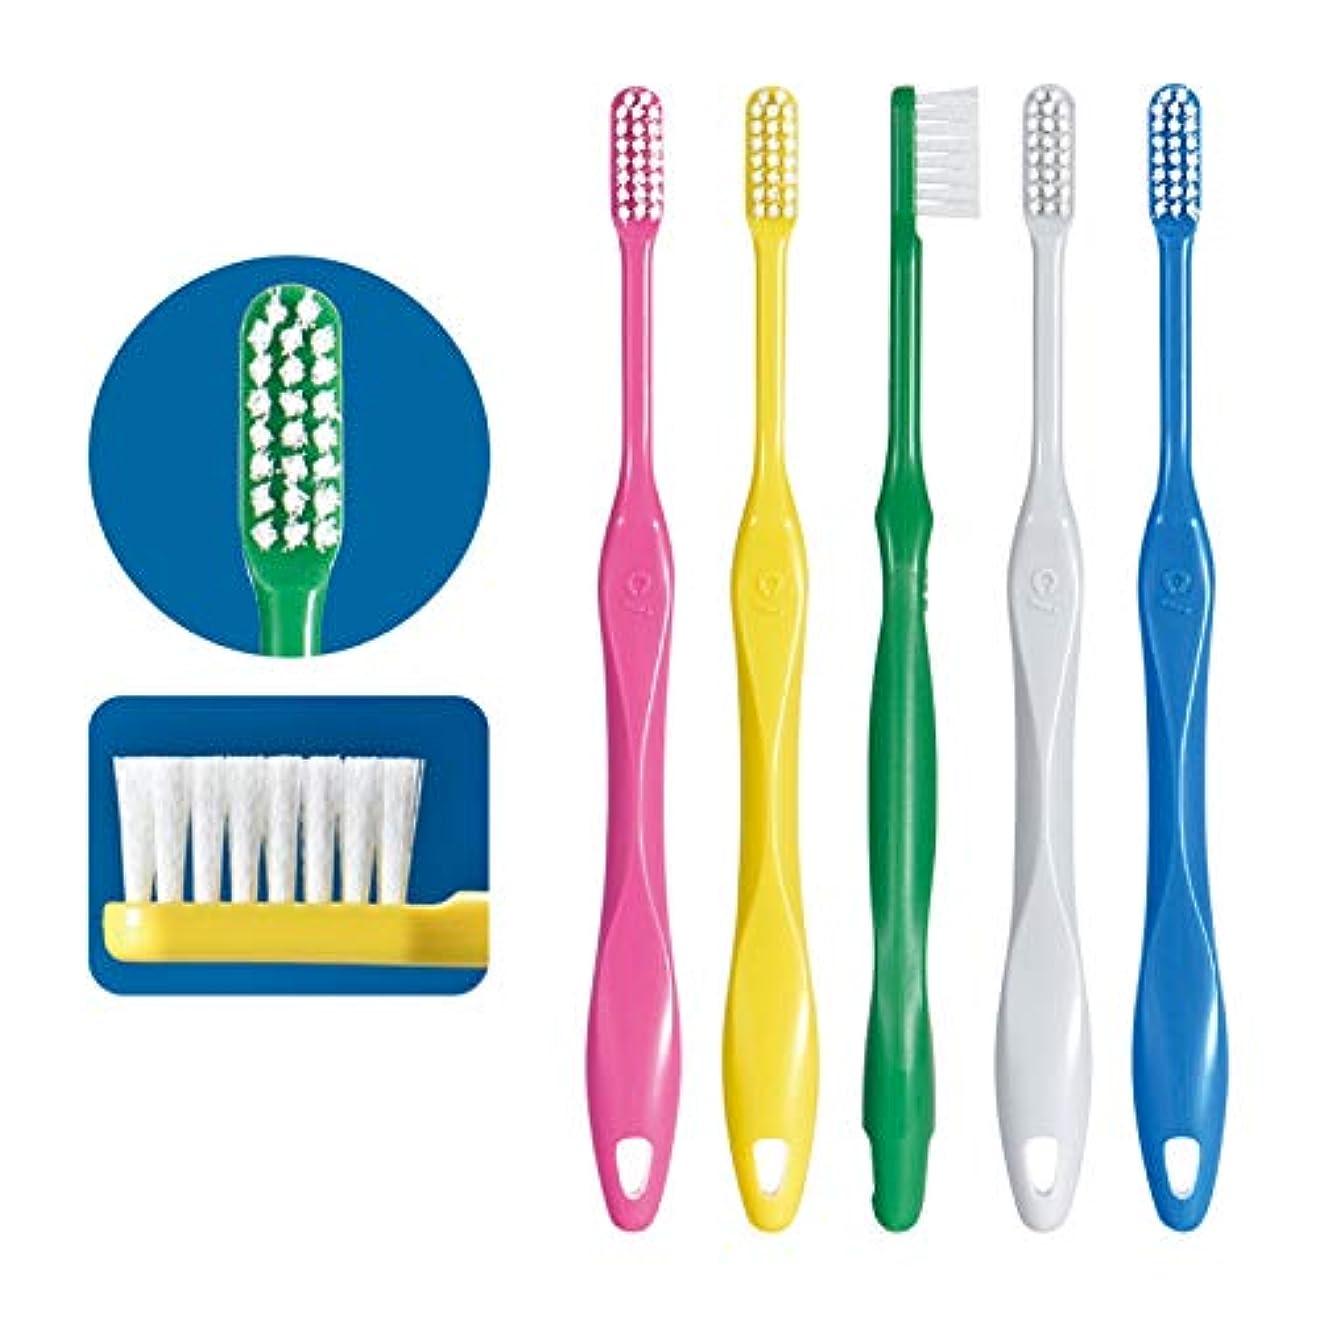 保存と荒れ地Ci スマート 歯ブラシ 20本 S(やわらかめ) 日本製 大人用歯ブラシ 歯科専売品